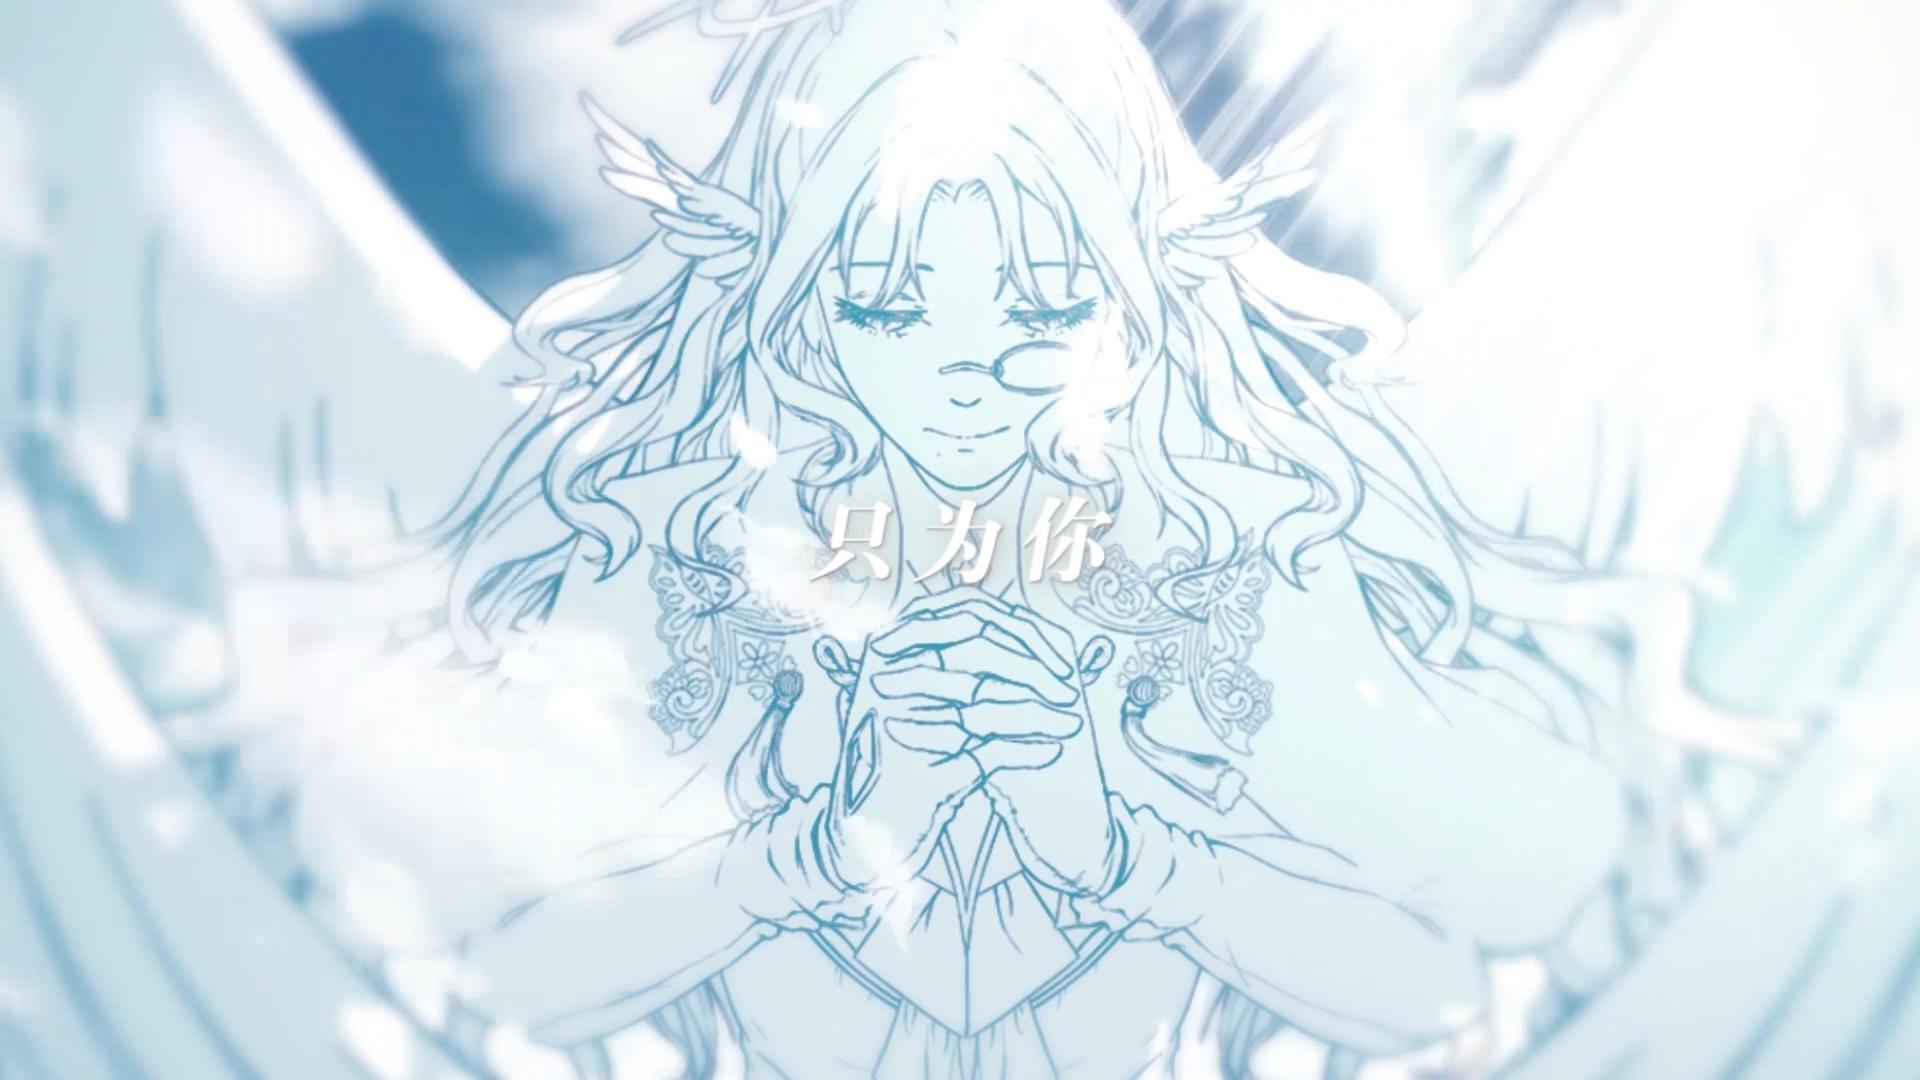 【超A新生计划】天使有幸与你相遇 想为你唱一首歌 【出道曲】【秋灵翻唱】